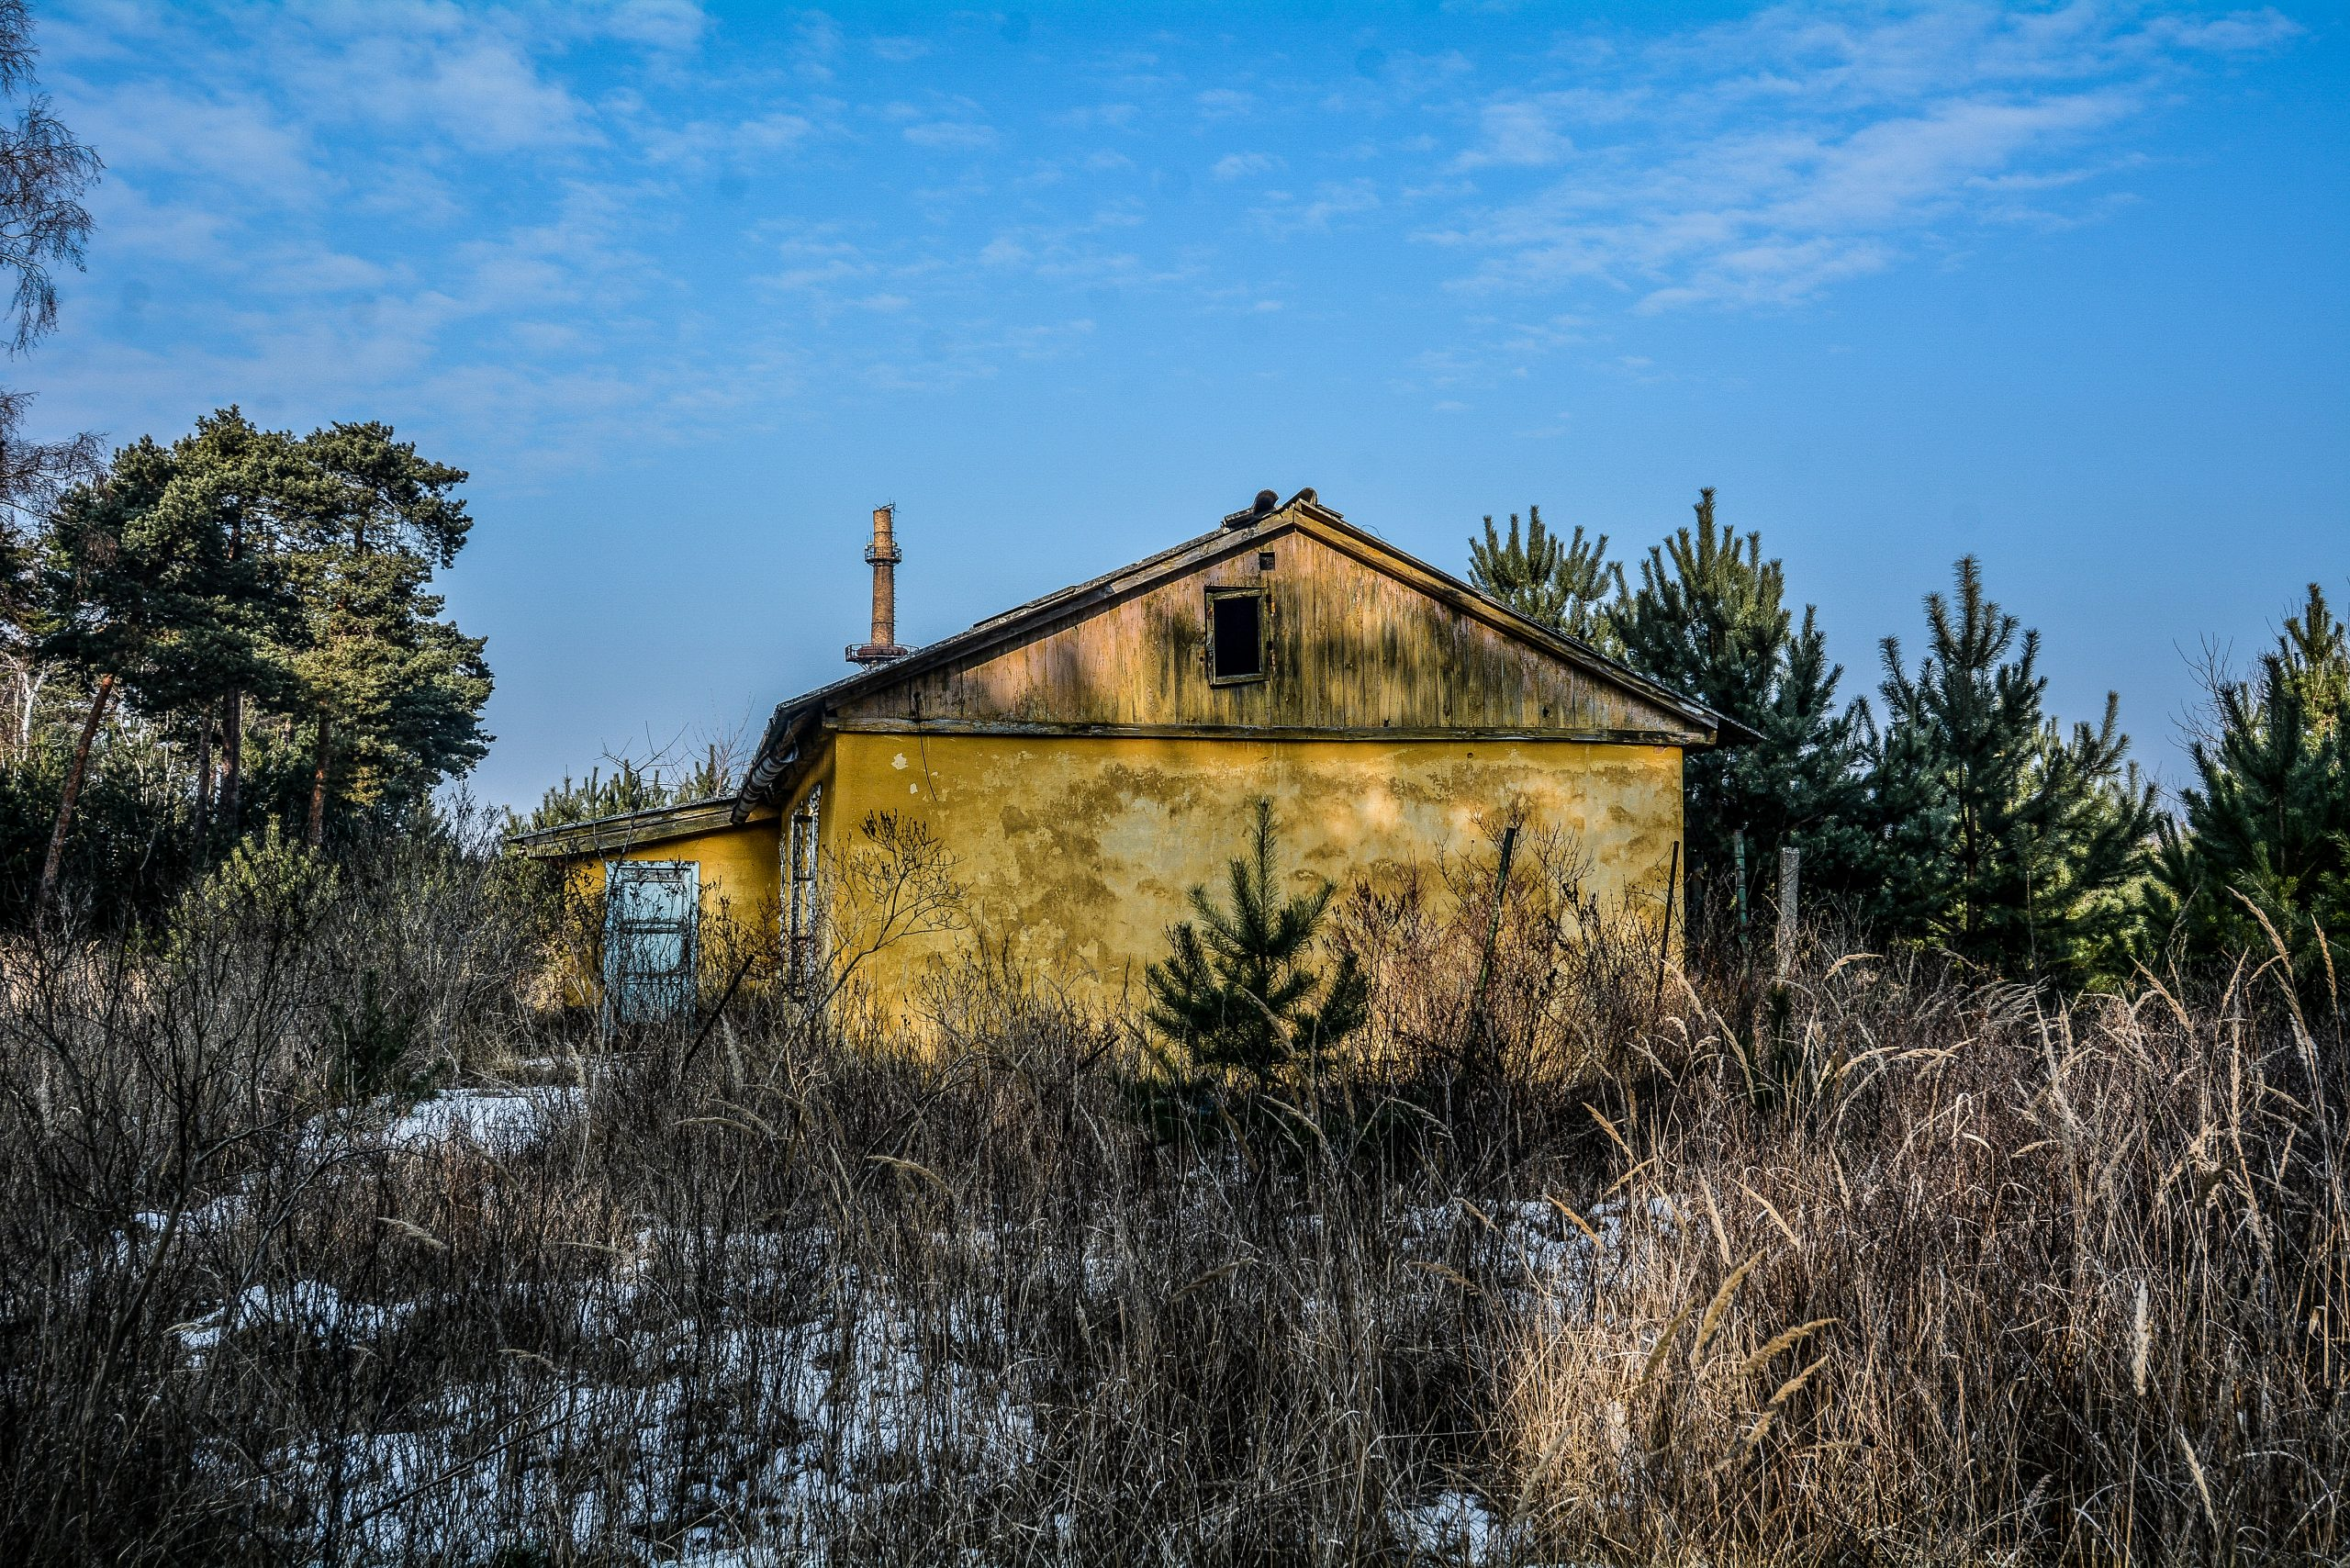 supply building soviet red army forst zinna adolf hitler lager luckenwalde juterbog sowjet kaserne soviet military barracks germany lost places urbex abandoned